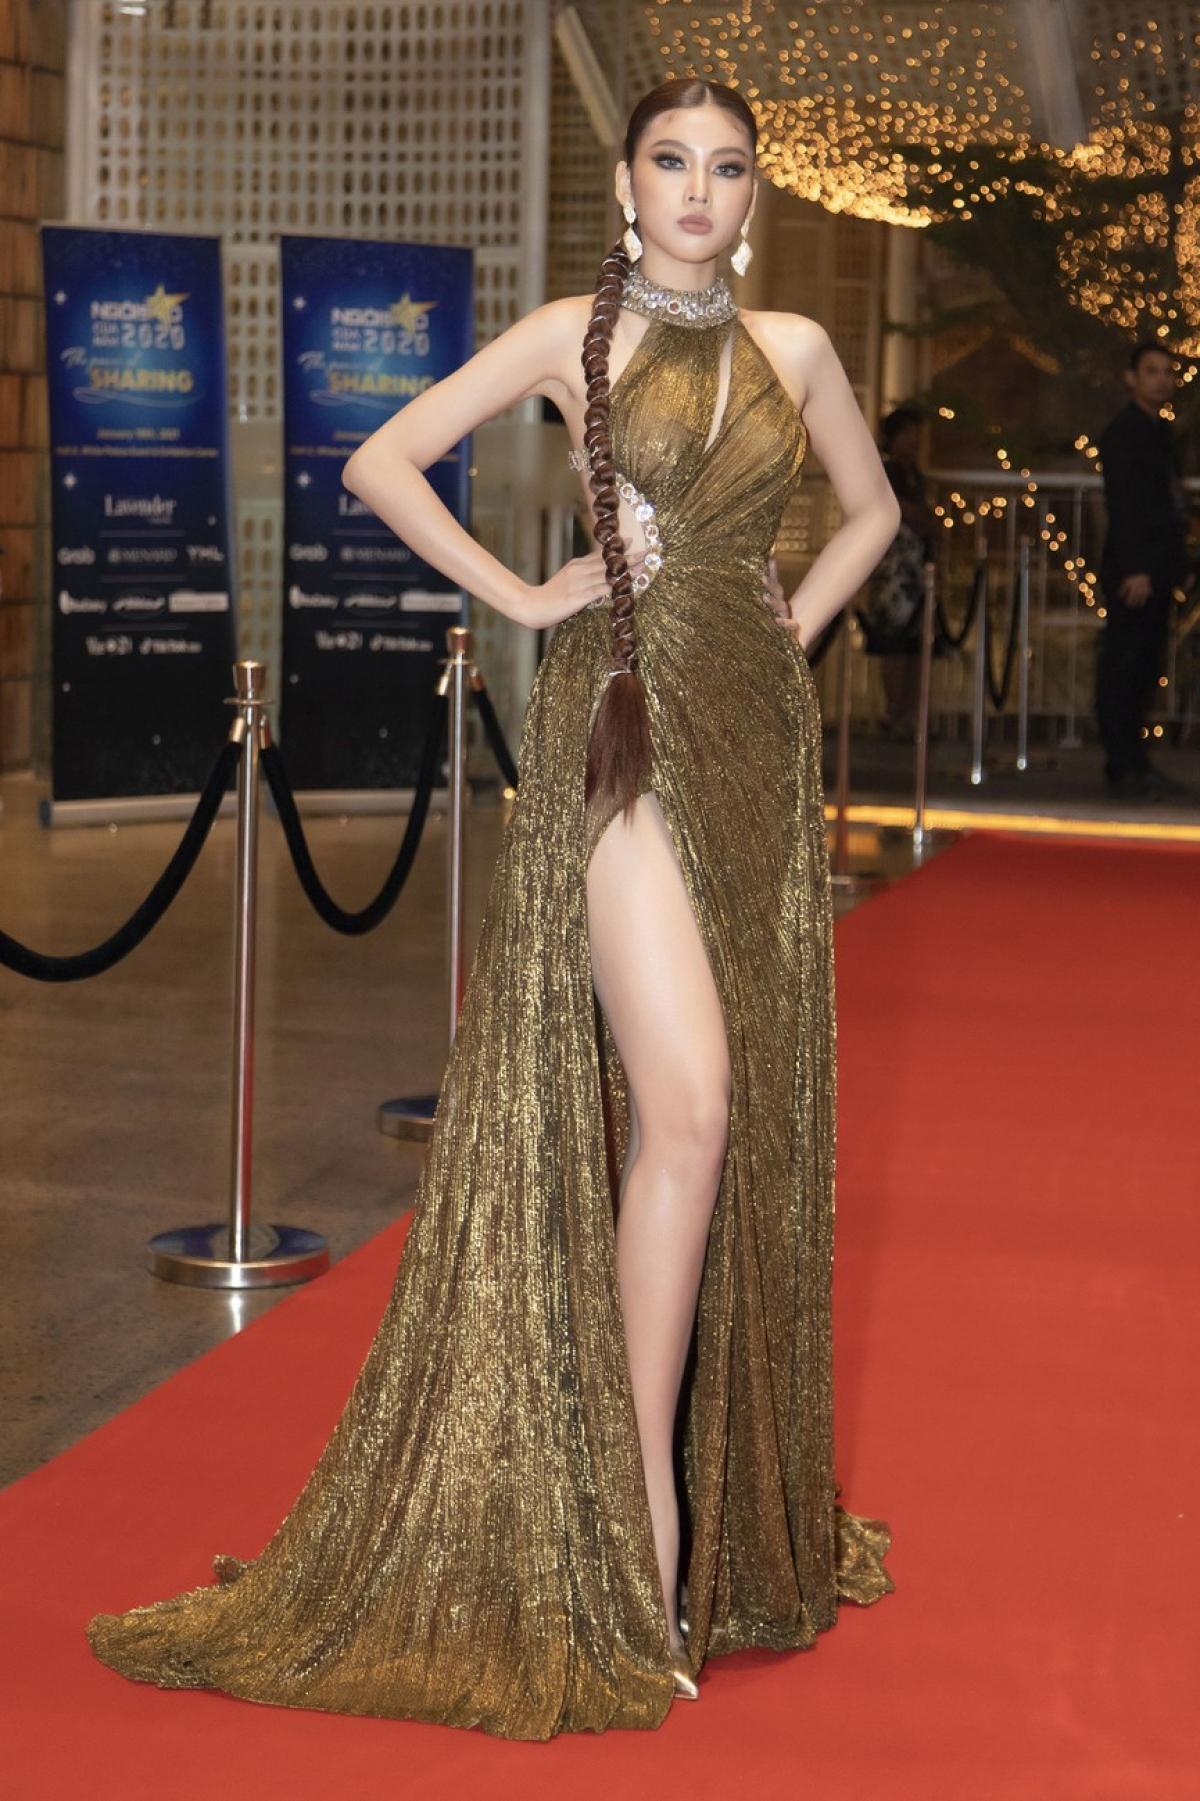 Á hậu Ngọc Thảo diện váy tông màu đồng lấp lánh khoe đôi chân dài nóng bỏng.